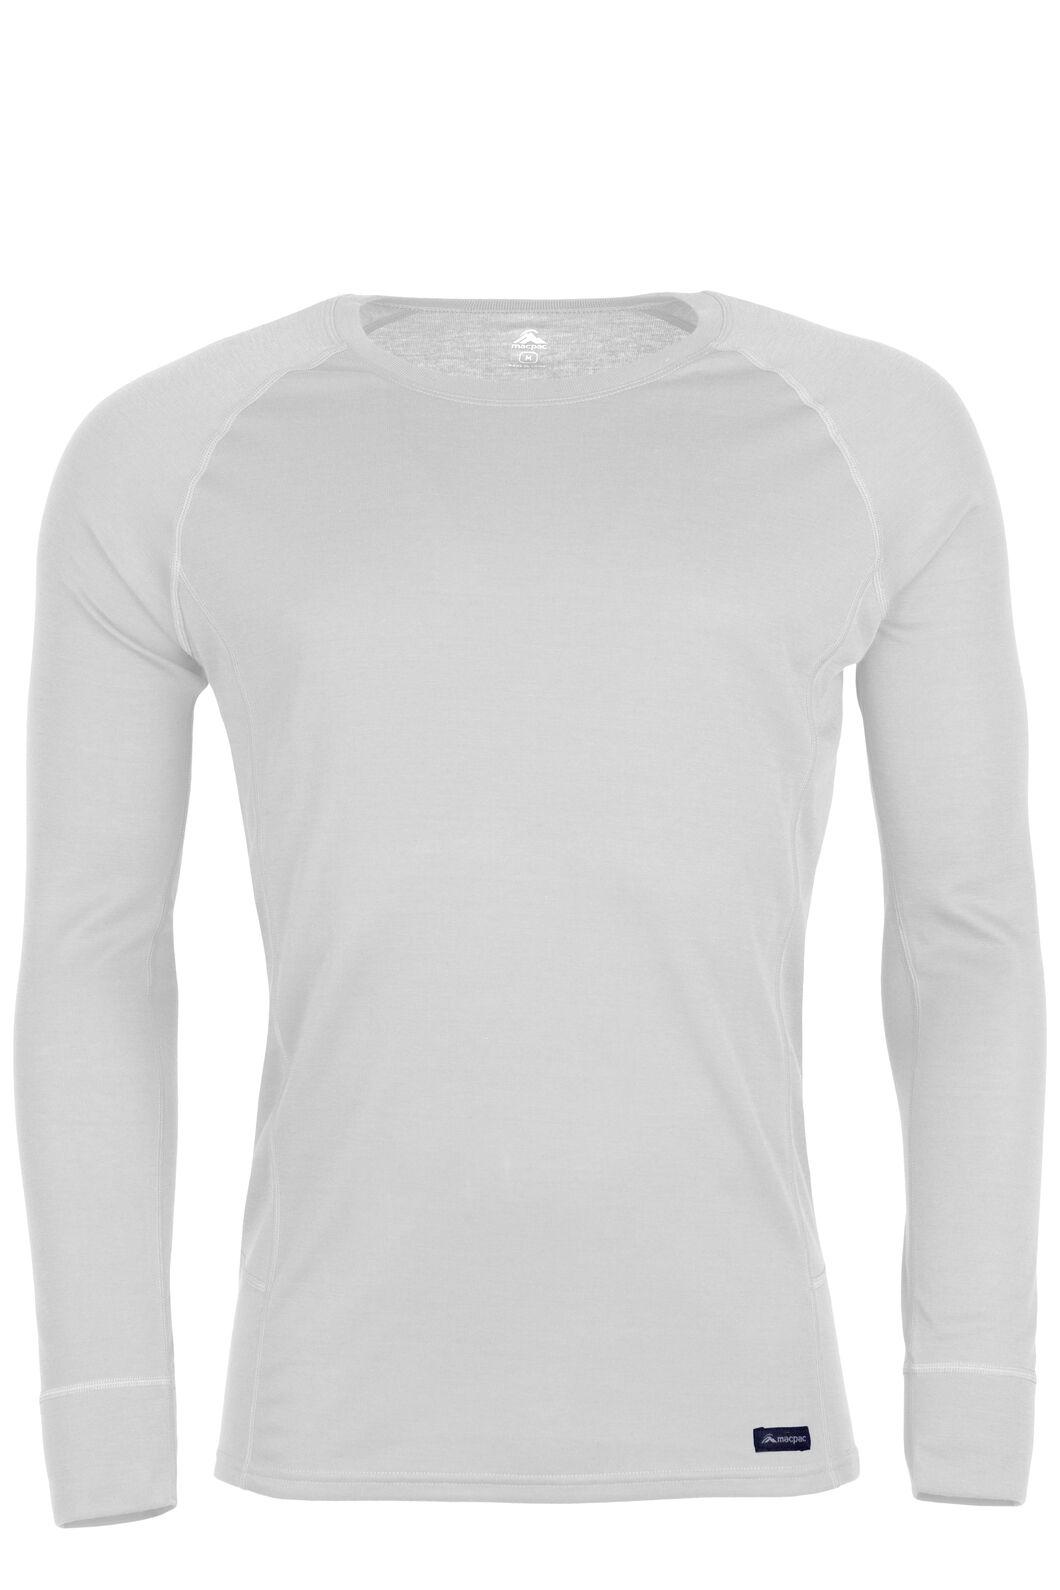 Men's Geothermal Long Sleeve Top, White, hi-res